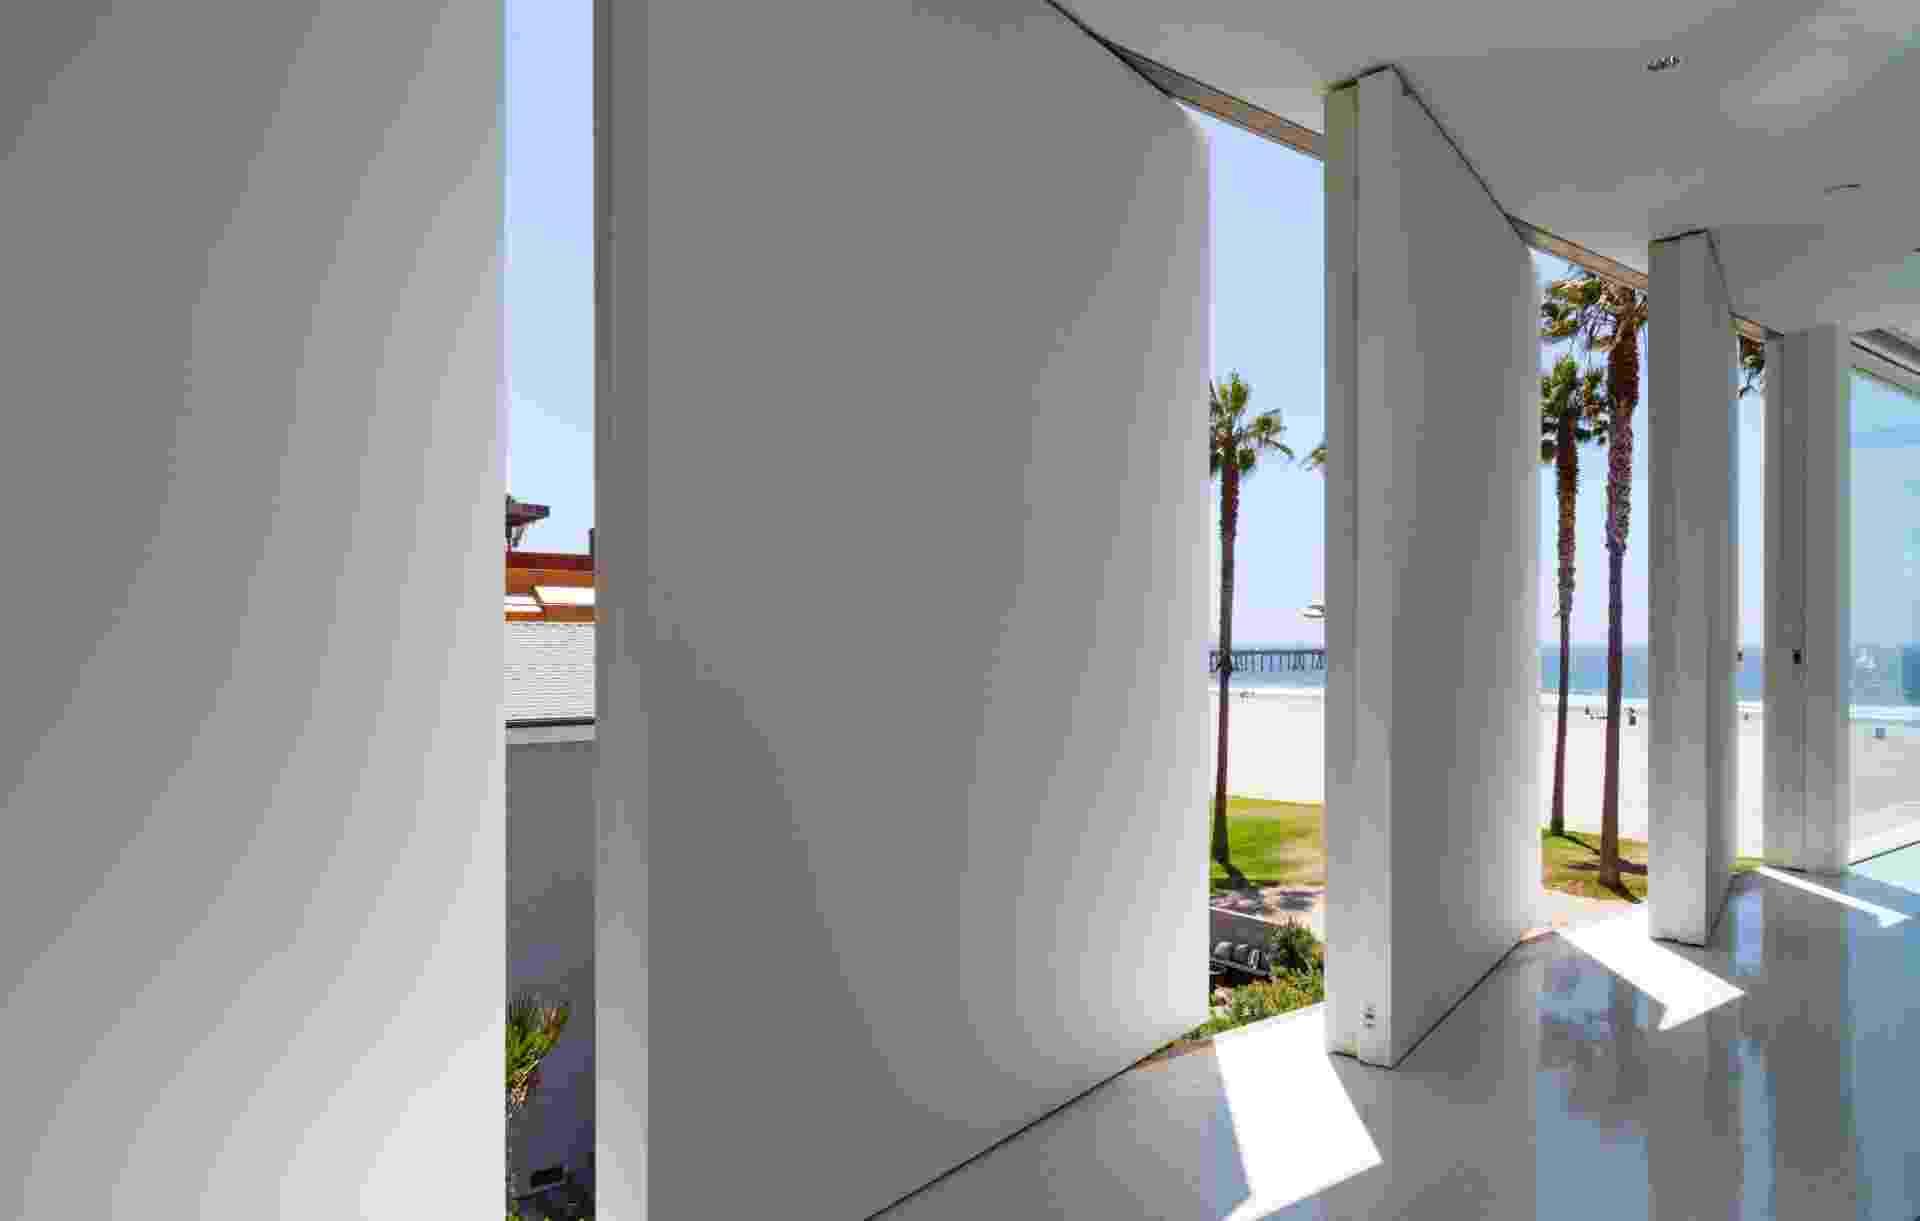 """(Imagem do NYT, usar apenas no respectivo material) A casa """"Flip-flop"""" recebeu esse nome por conta das portas pivotantes instaladas sequencialmente no andar superior da residência. As estruturas foram instaladas para prover a circulação de ar e a vista da paisagem e, ao mesmo tempo, oferecer espaço expositivo para a coleção de fotografias do casal Kamienowicz - Trevor Tondro/ The New York Times"""